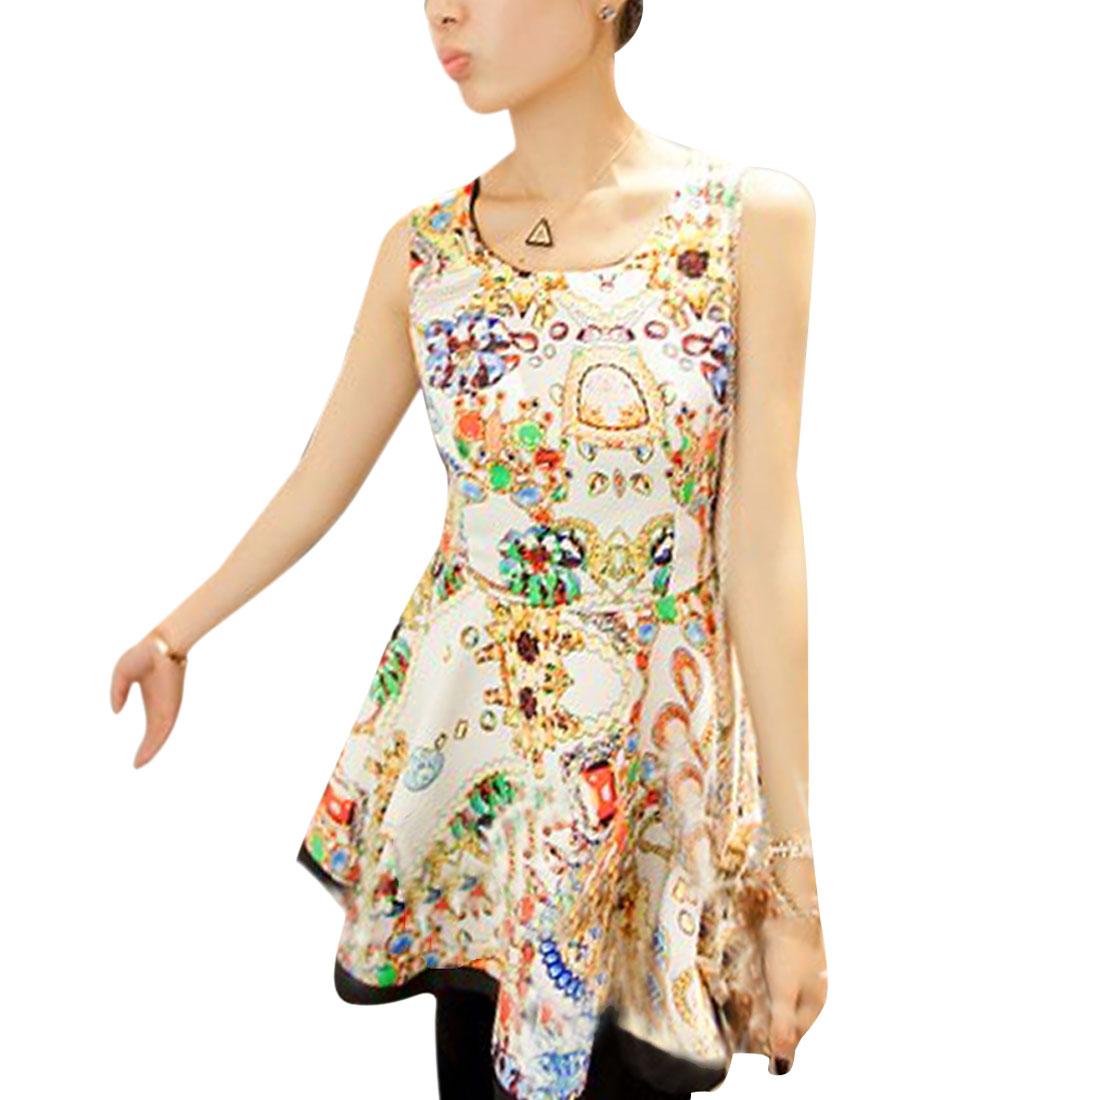 Lady Sleeveless Jewel Prints Trim Zipped Side Ruffle Hem White Dress XS